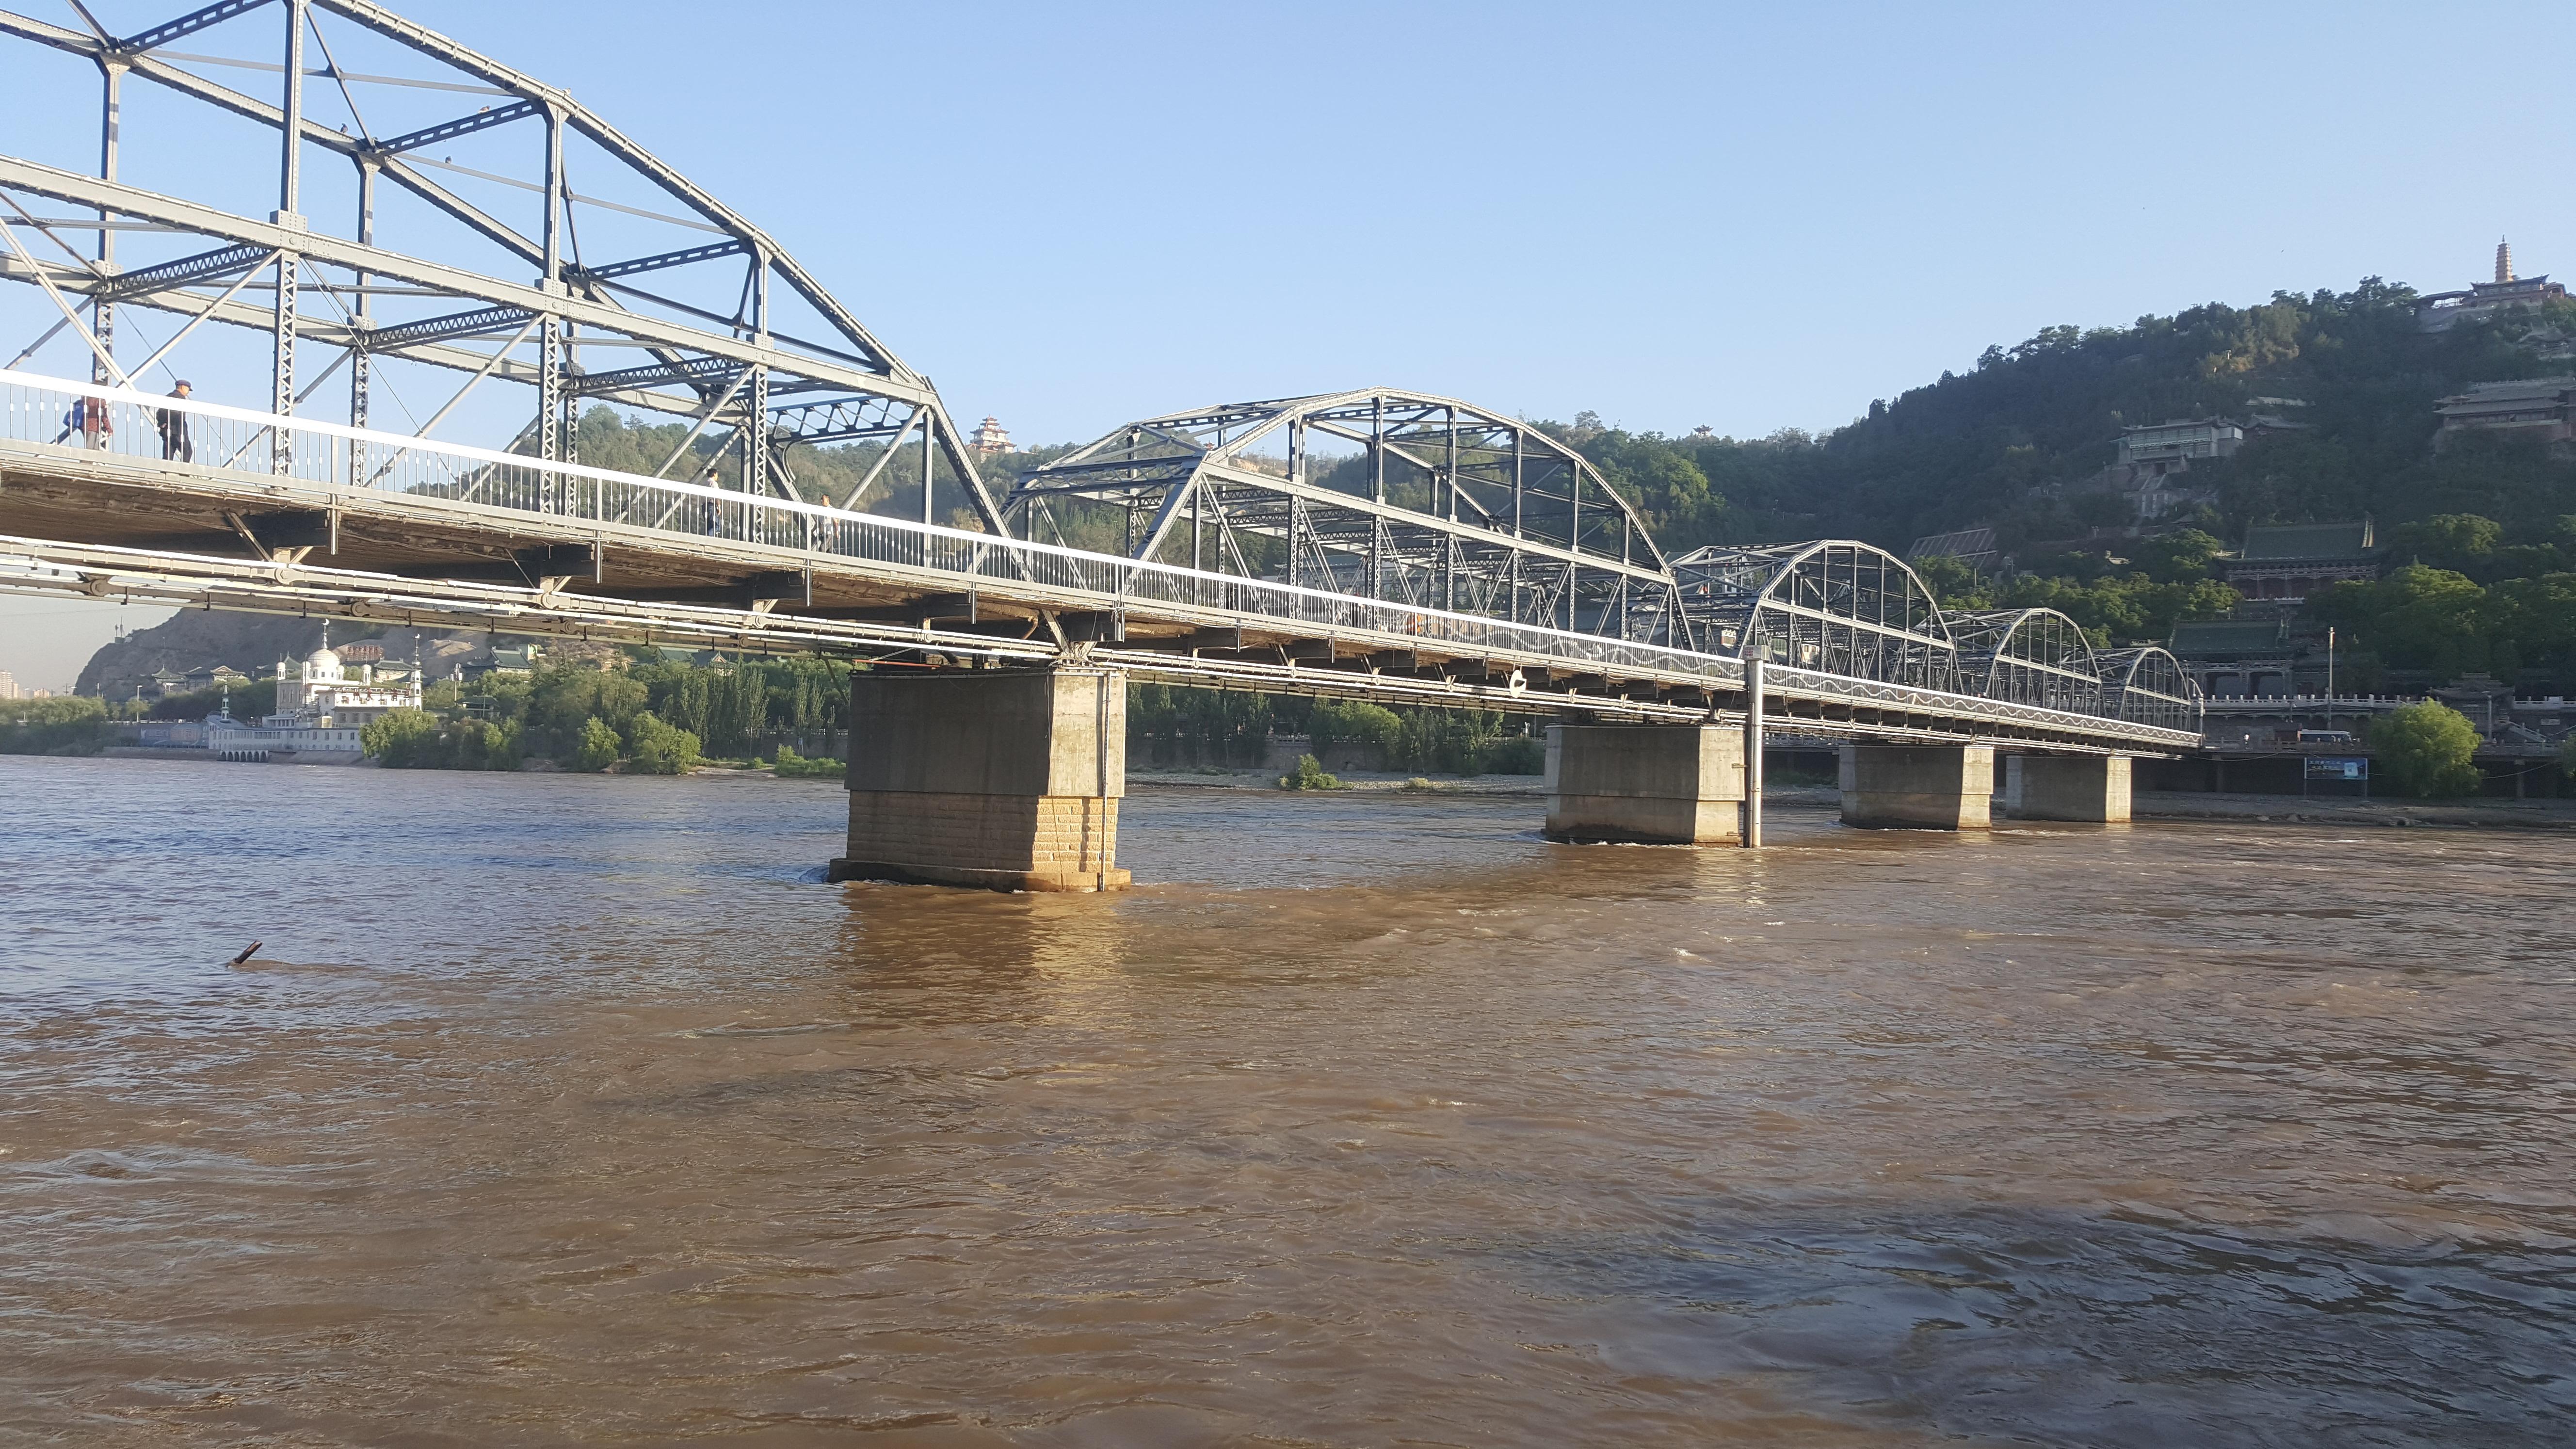 【携程攻略】兰州黄河铁桥适合商务旅行旅游吗,黄河